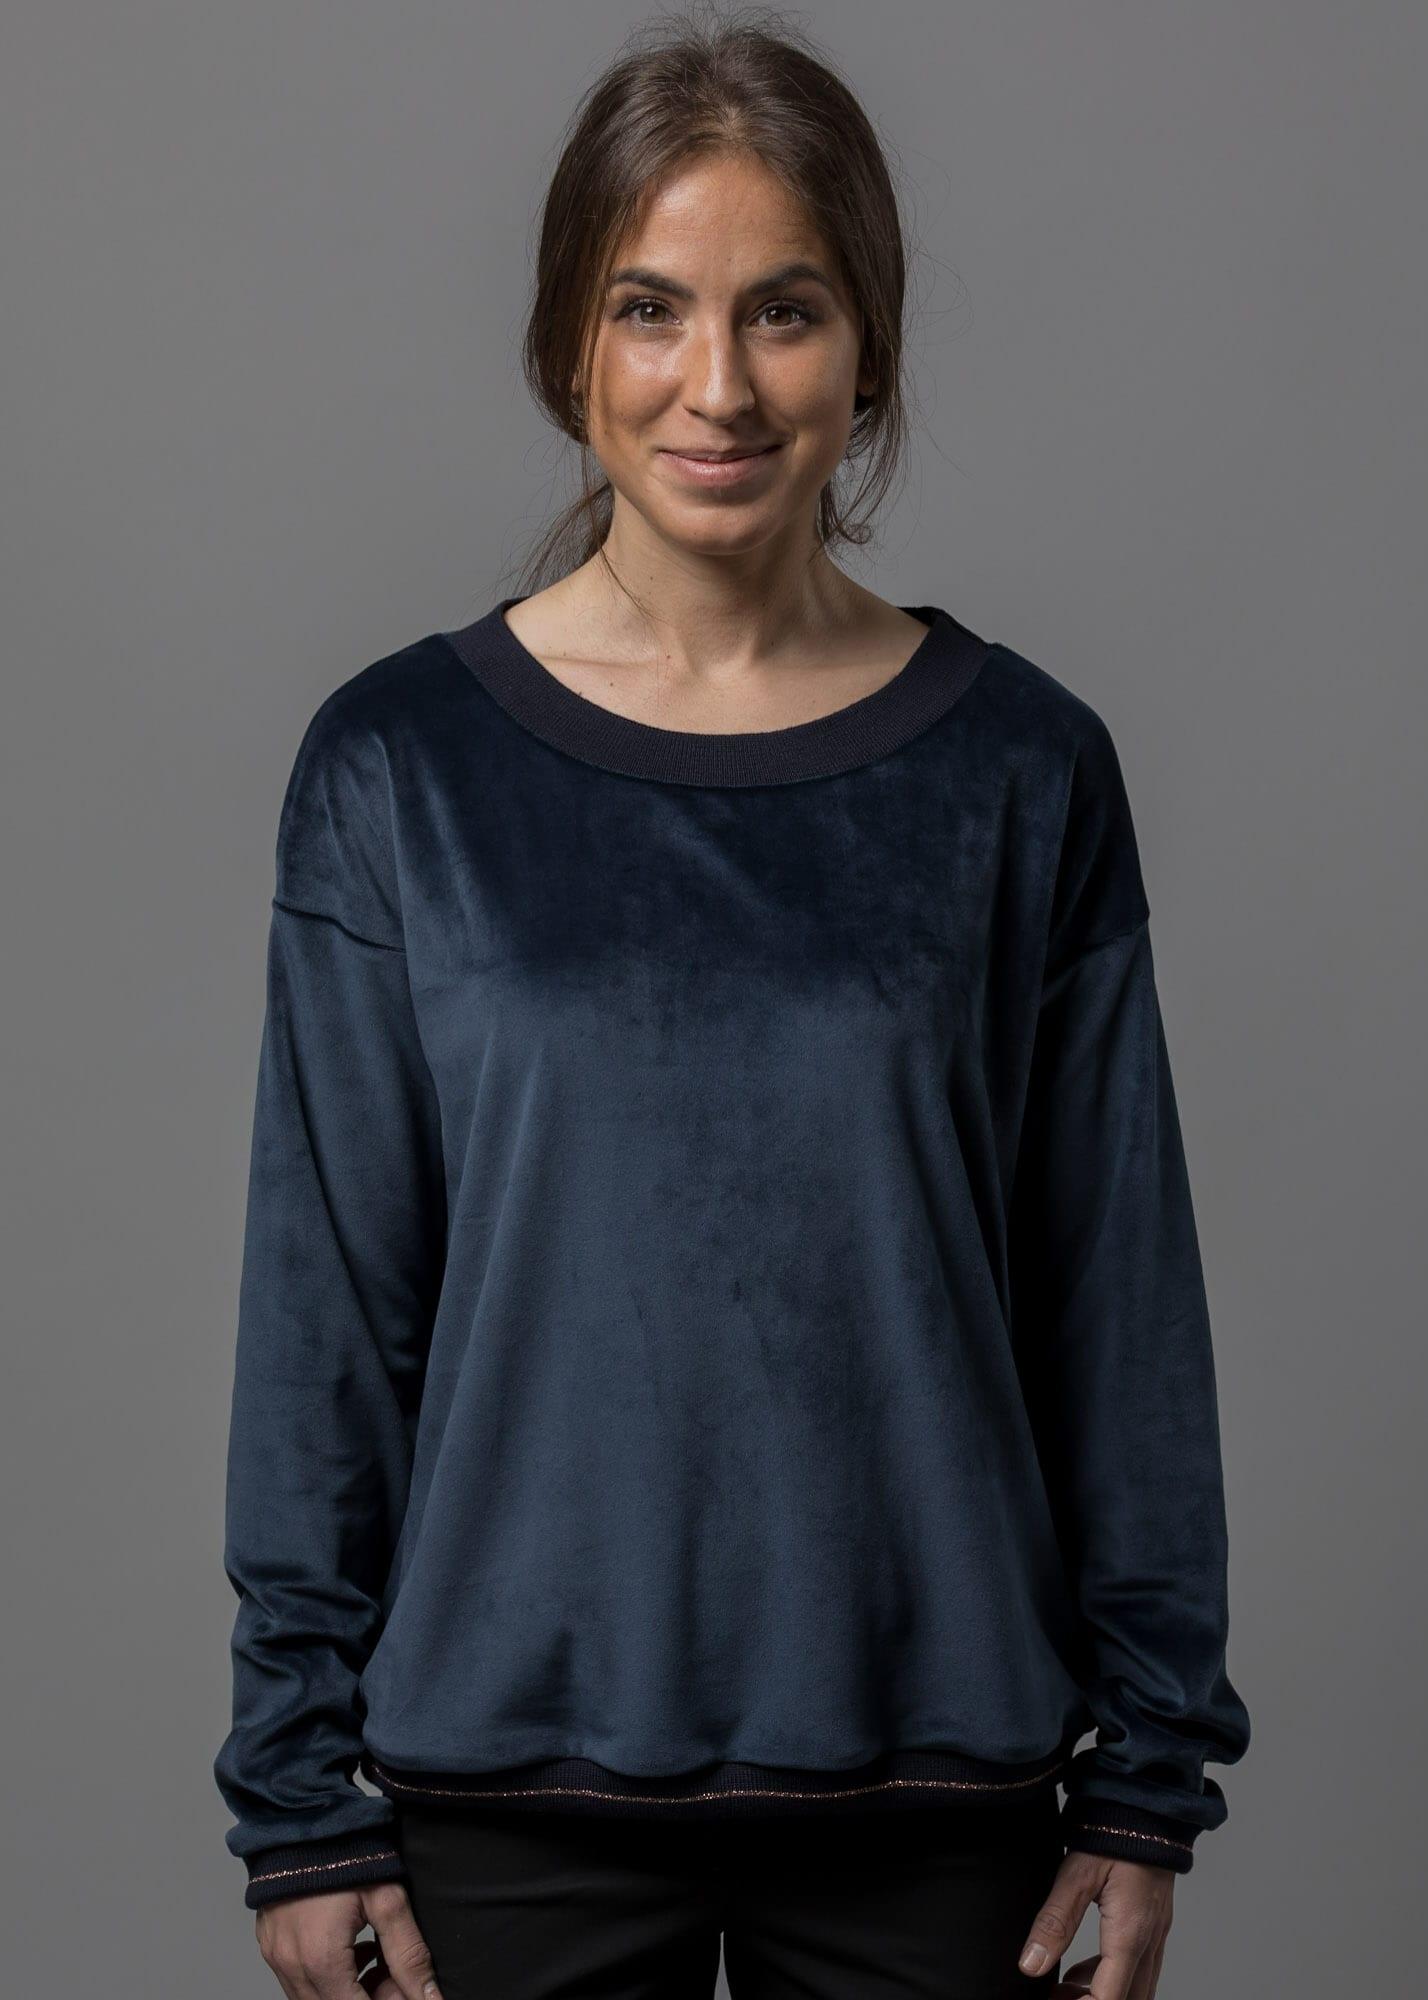 Kuschelige Samt Sweatshirt Damen von Connemara in nachtblau